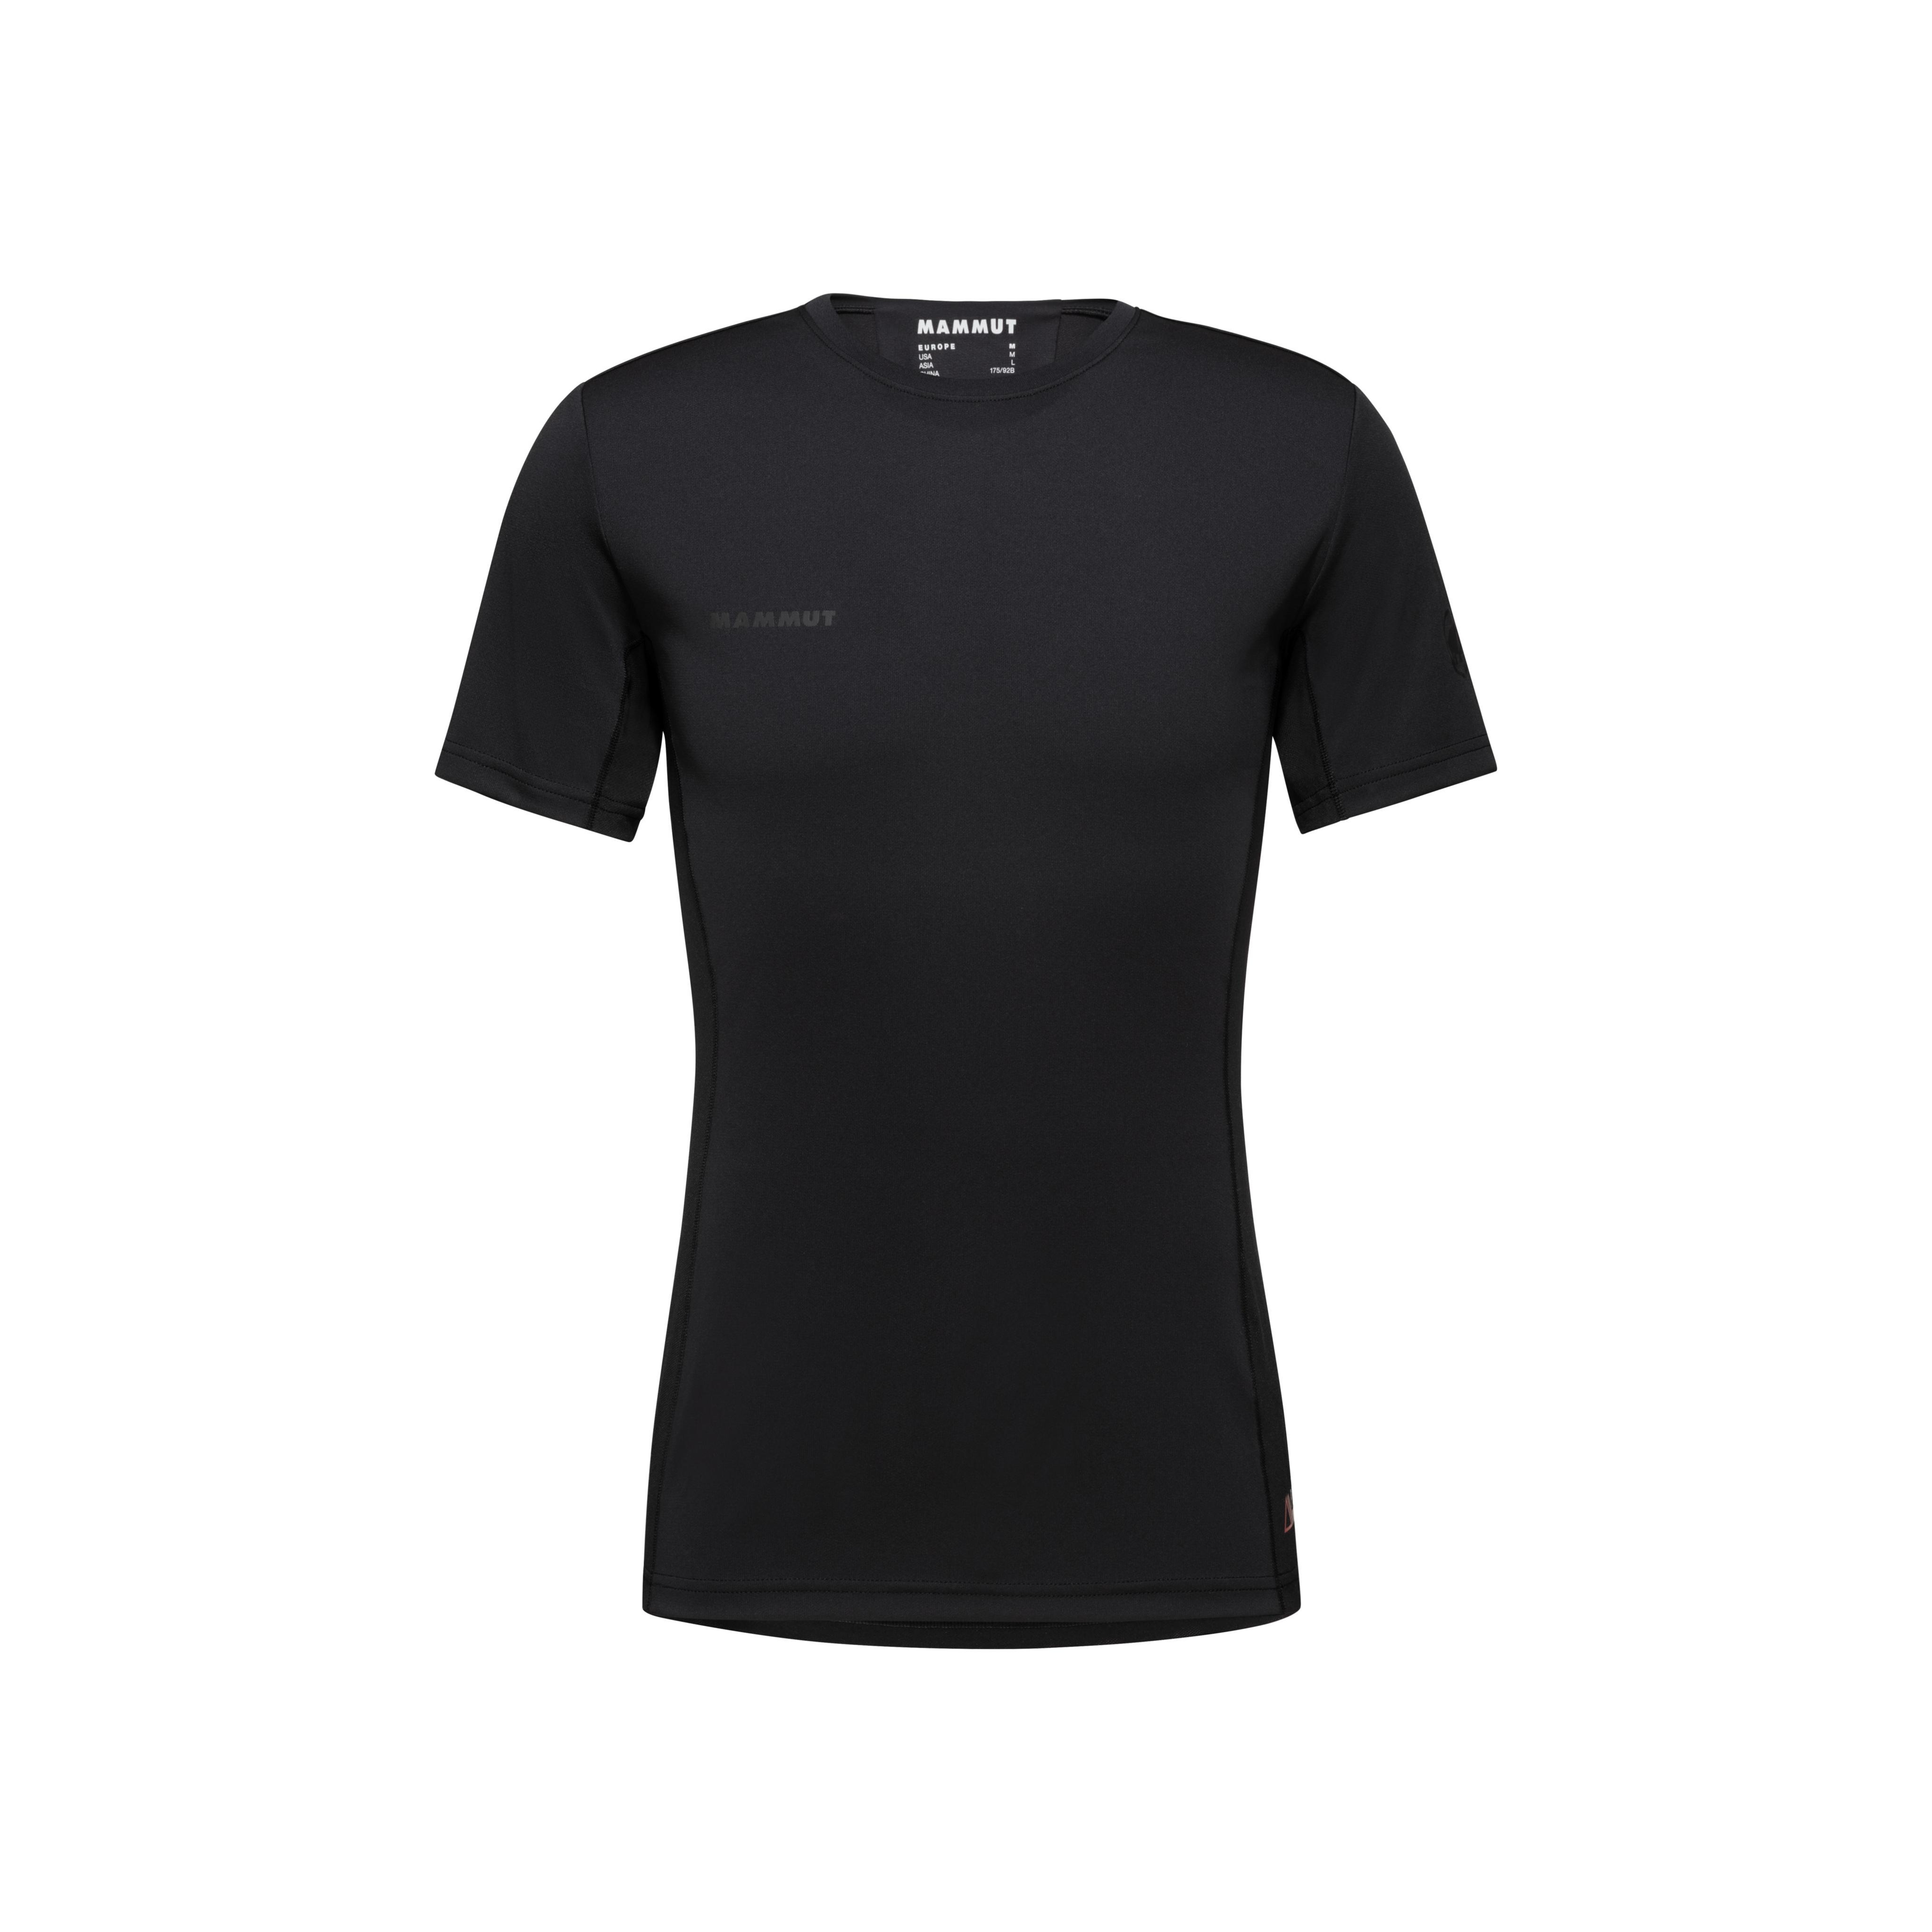 Sertig T-Shirt Men - black, S thumbnail